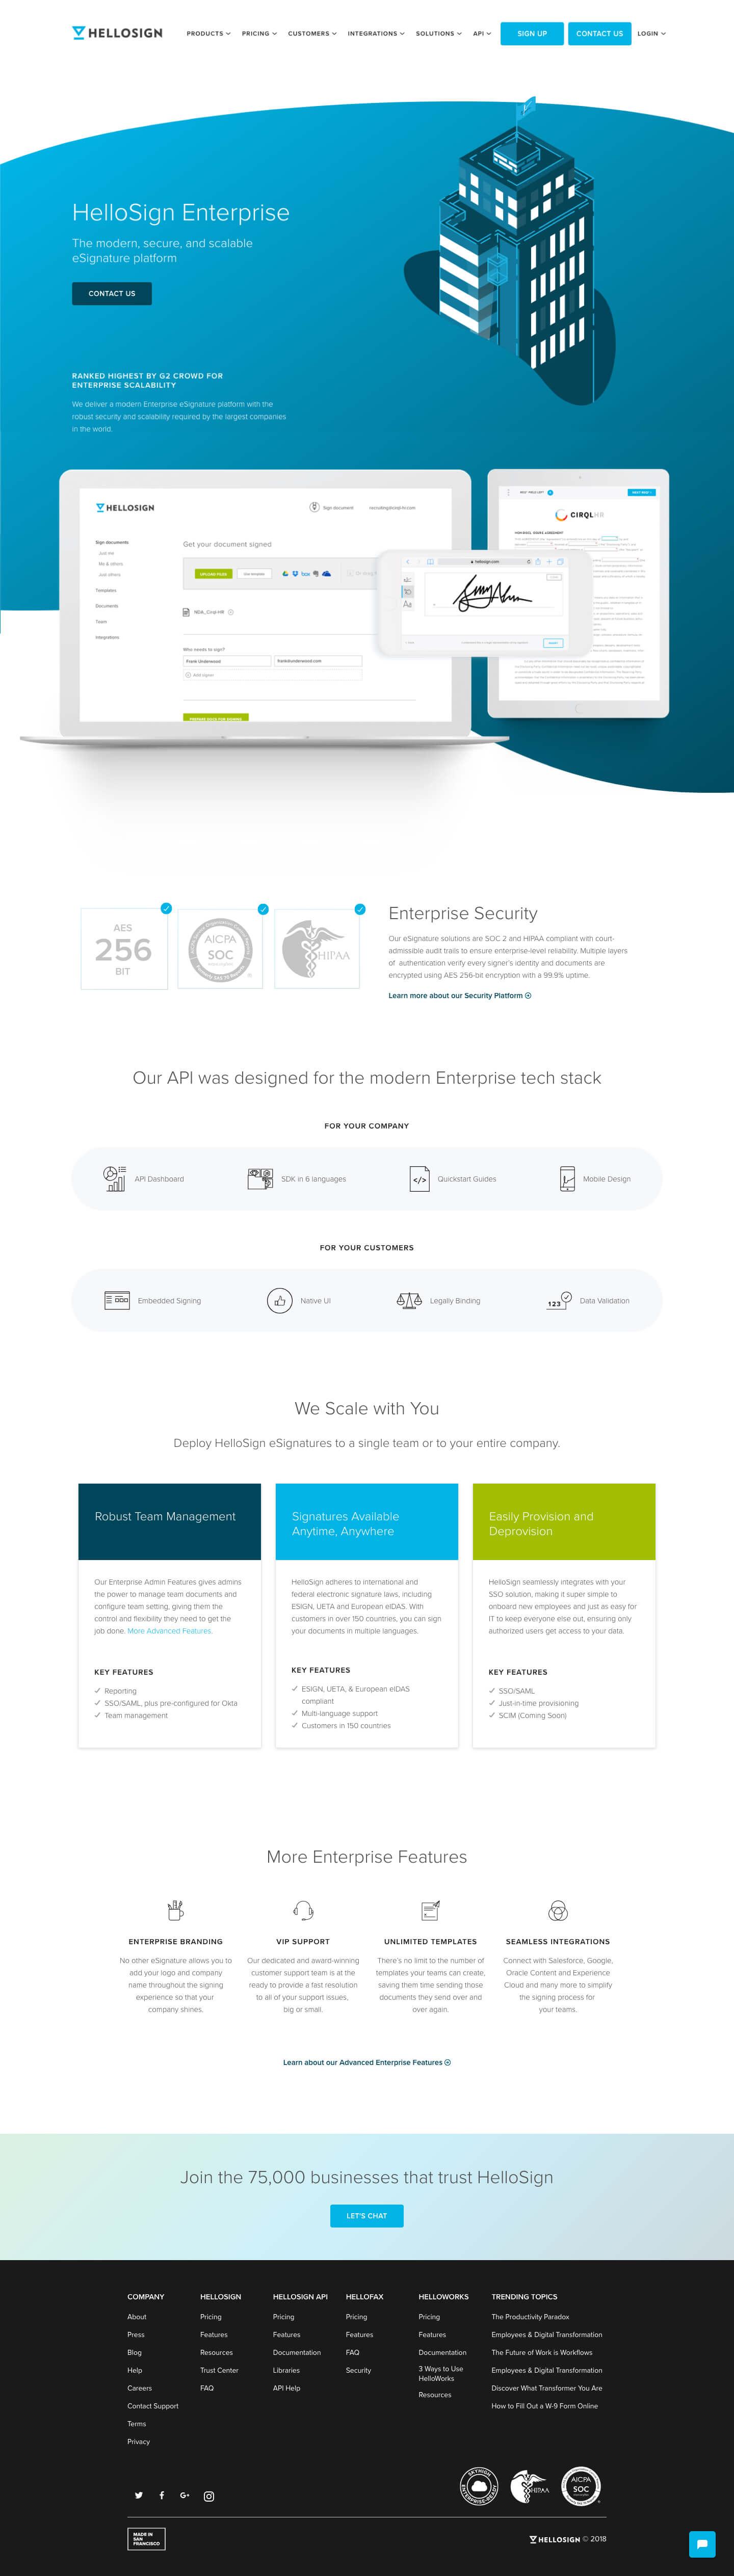 Finsweet Webflow development for HelloSign Enterprise